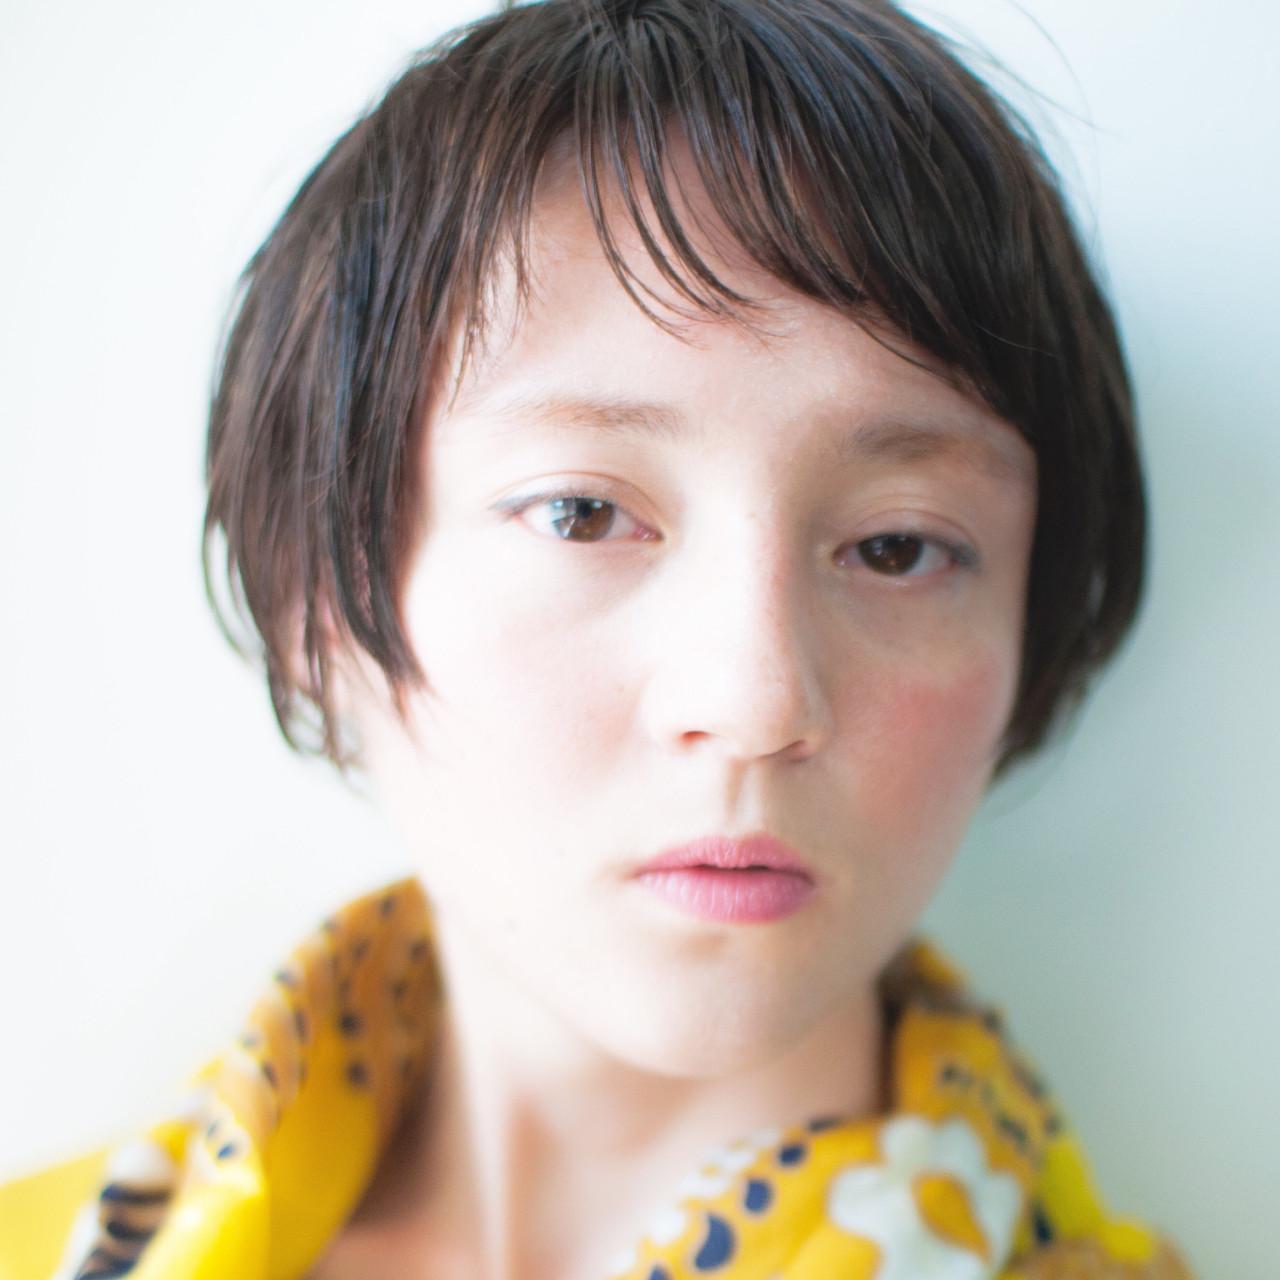 アンニュイ オフィス ゆるふわ 簡単ヘアアレンジ ヘアスタイルや髪型の写真・画像 | 力石サトシ HOMIE Tokyo /   HOMIE TOKYO